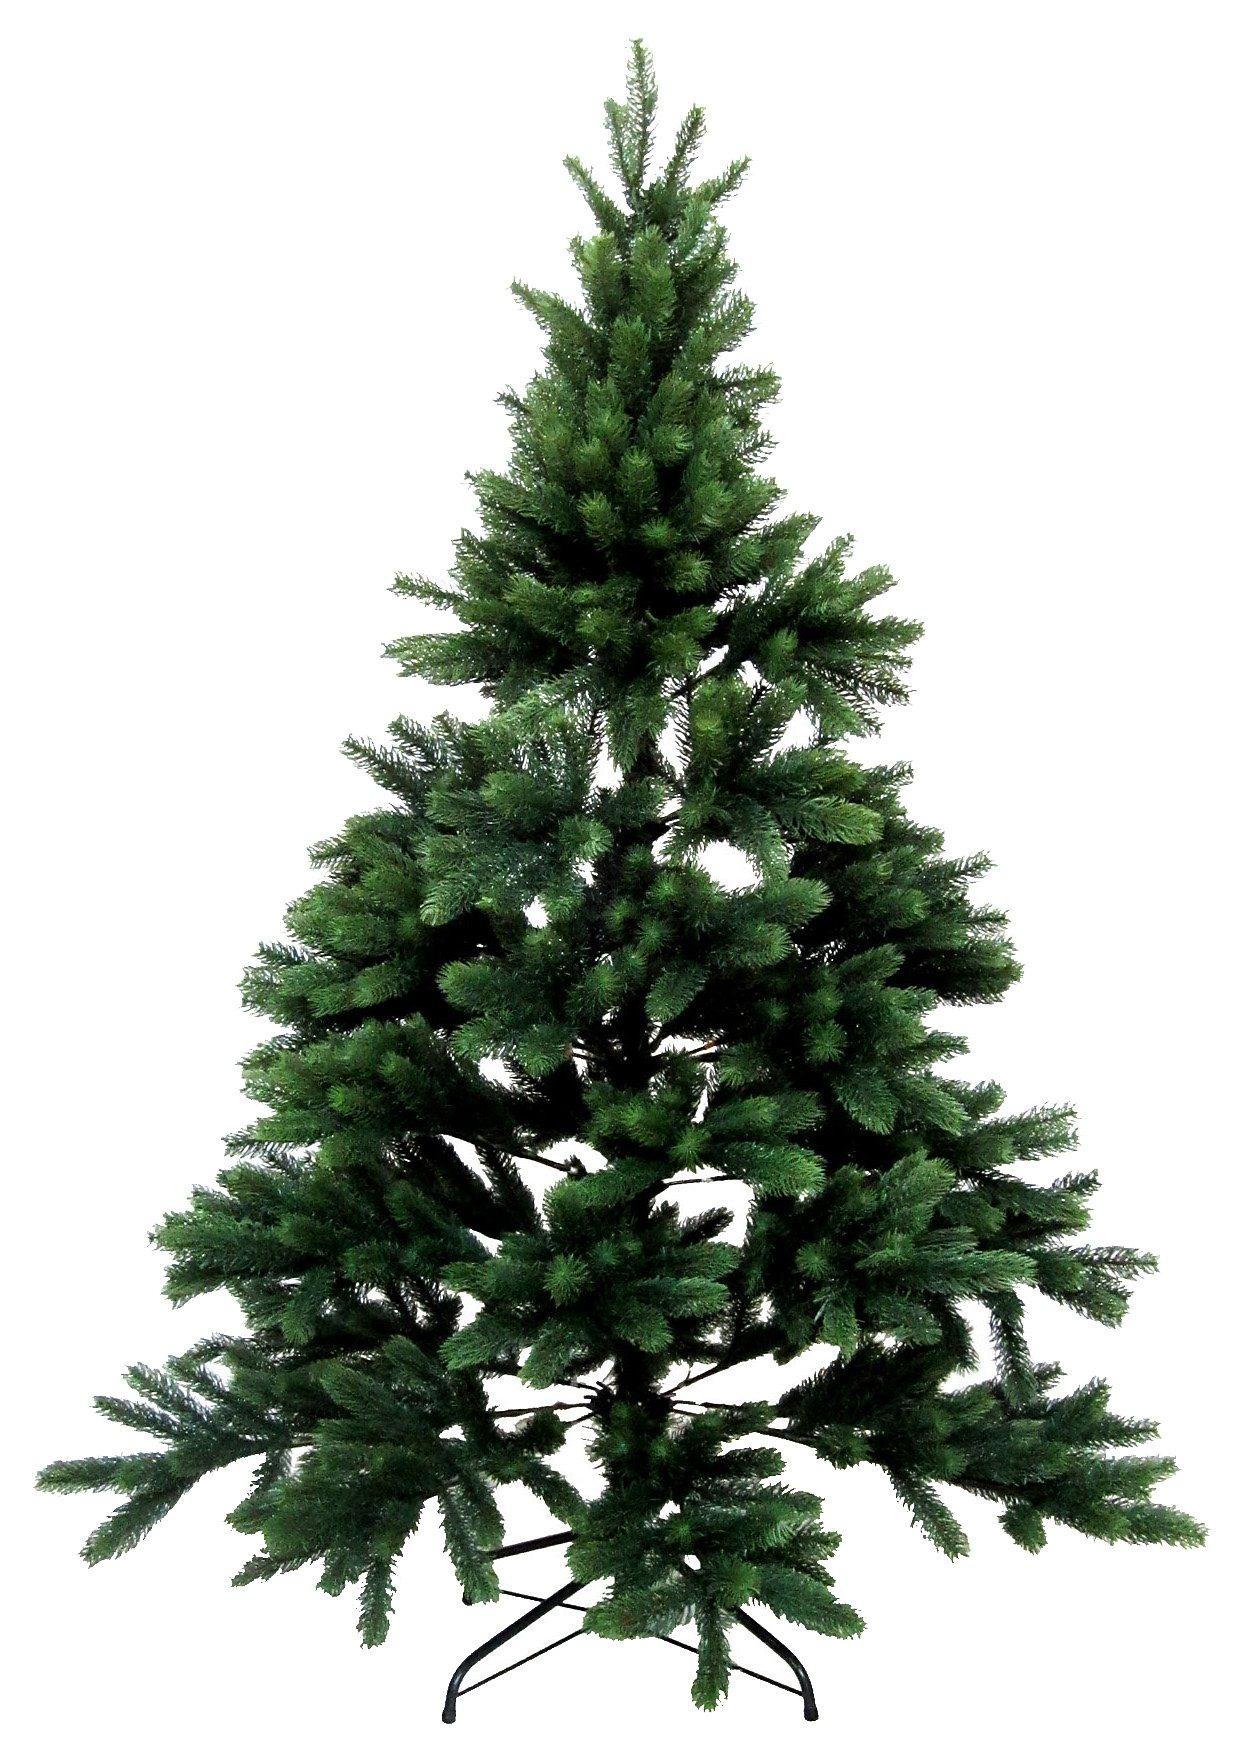 Künstlicher Weihnachtsbaum von otto 165 cm hoch zum schnäppchenpreis